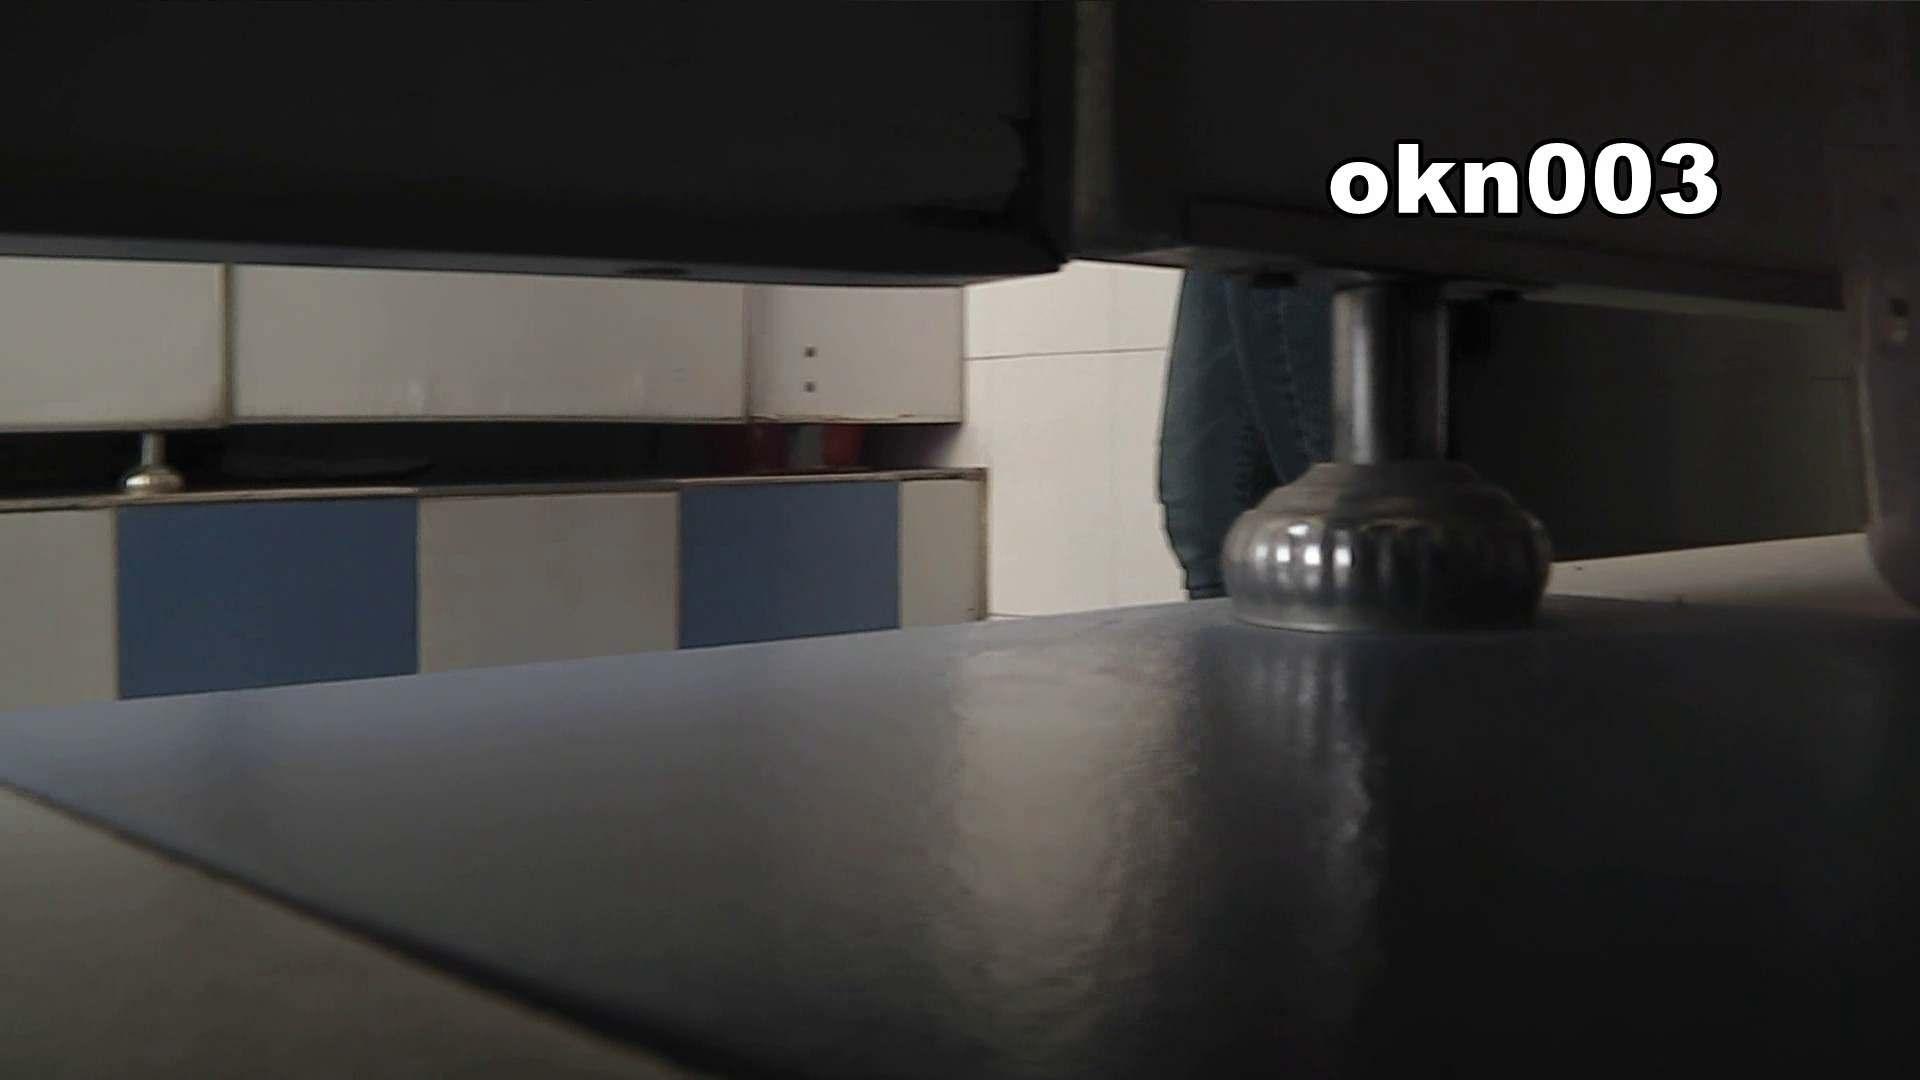 下からノゾム vol.003 メガネ率高し ギャル達 おめこ無修正画像 88枚 72